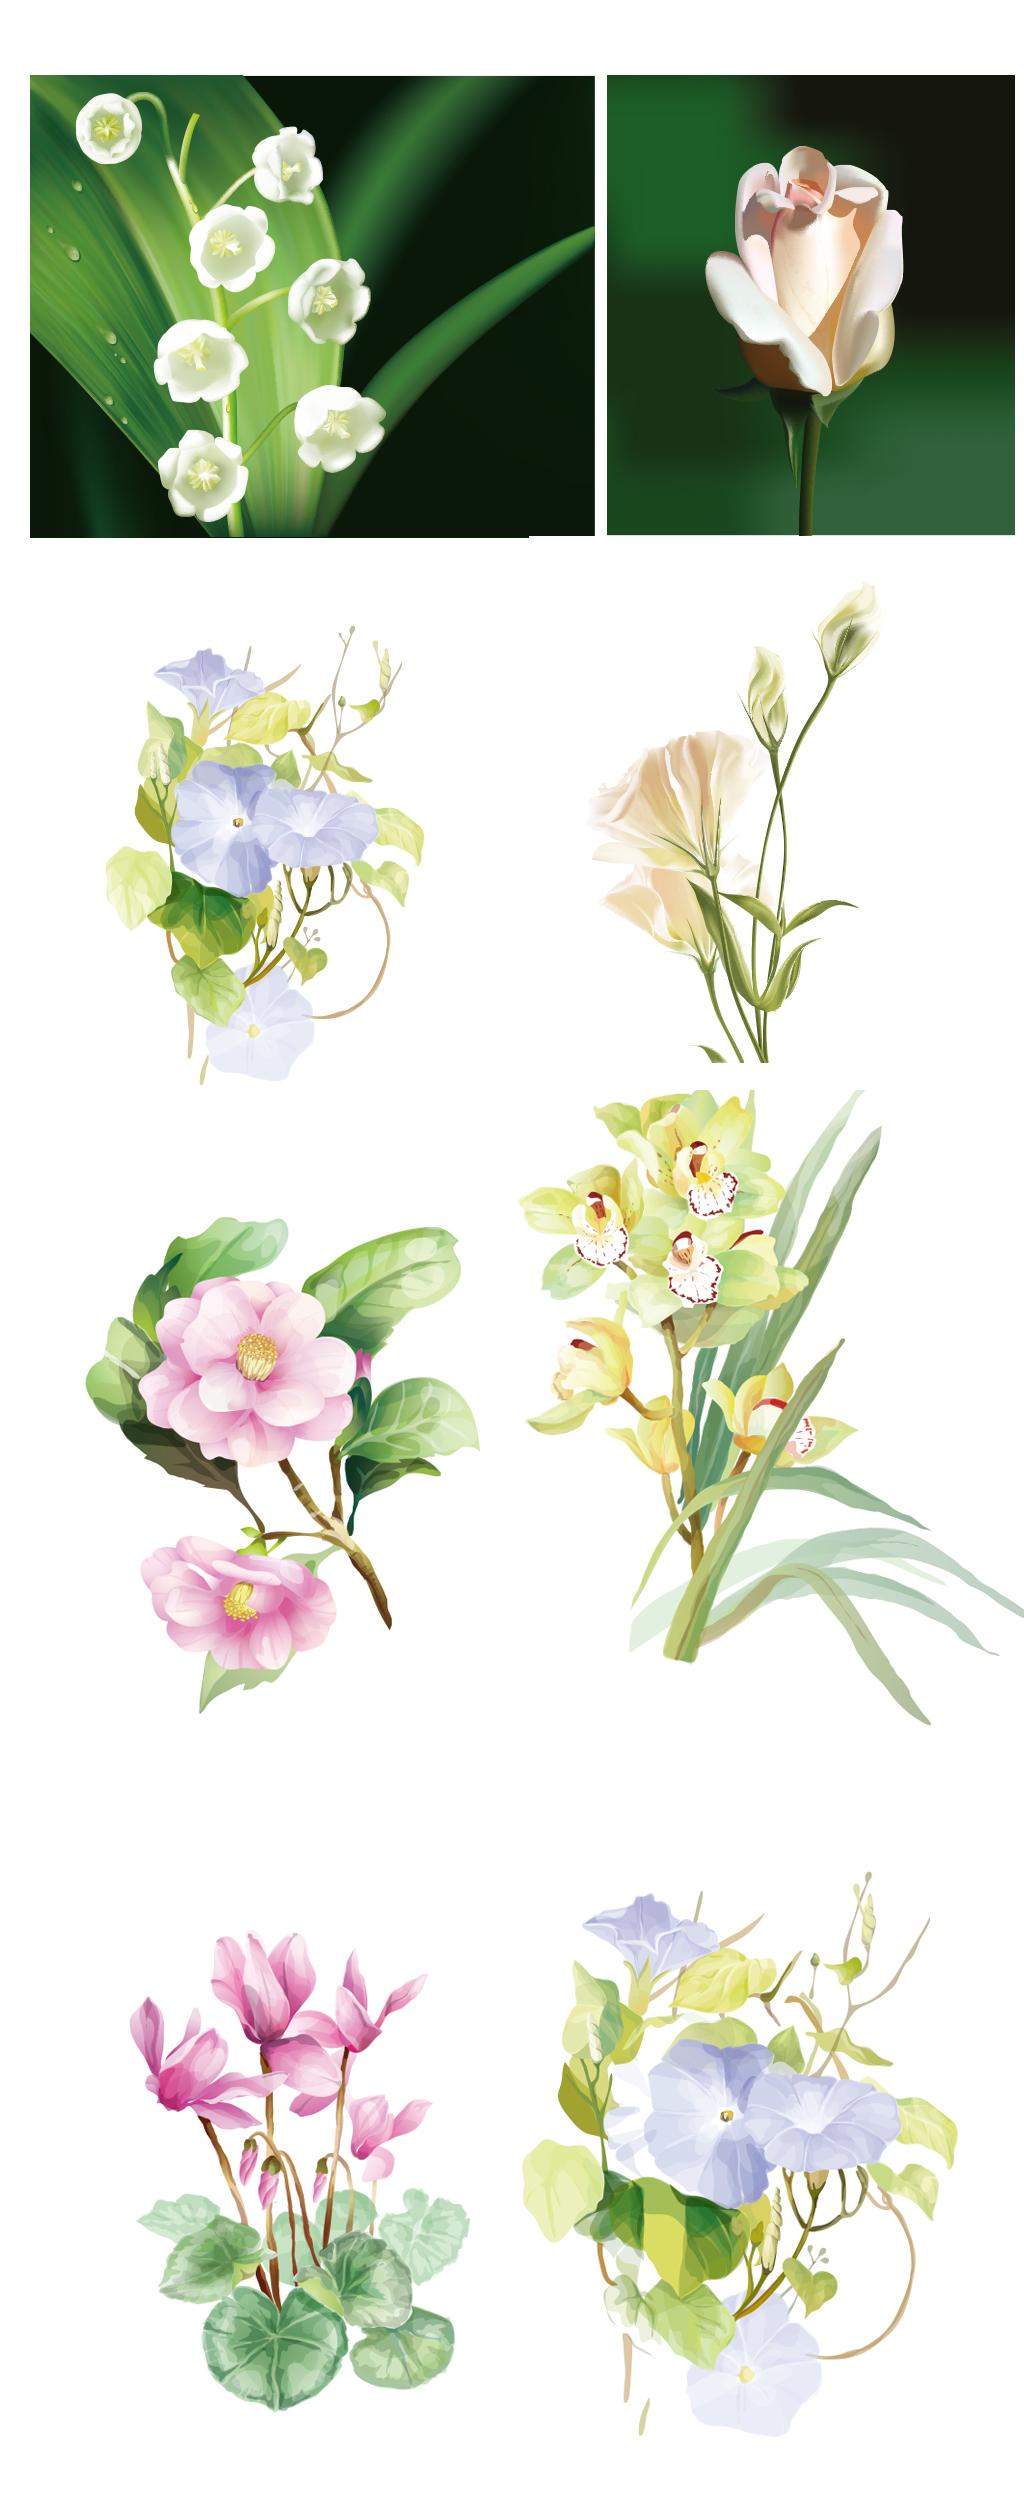 唯美手绘花卉图片设计素材_高清ai模板下载(2.33mb)qq